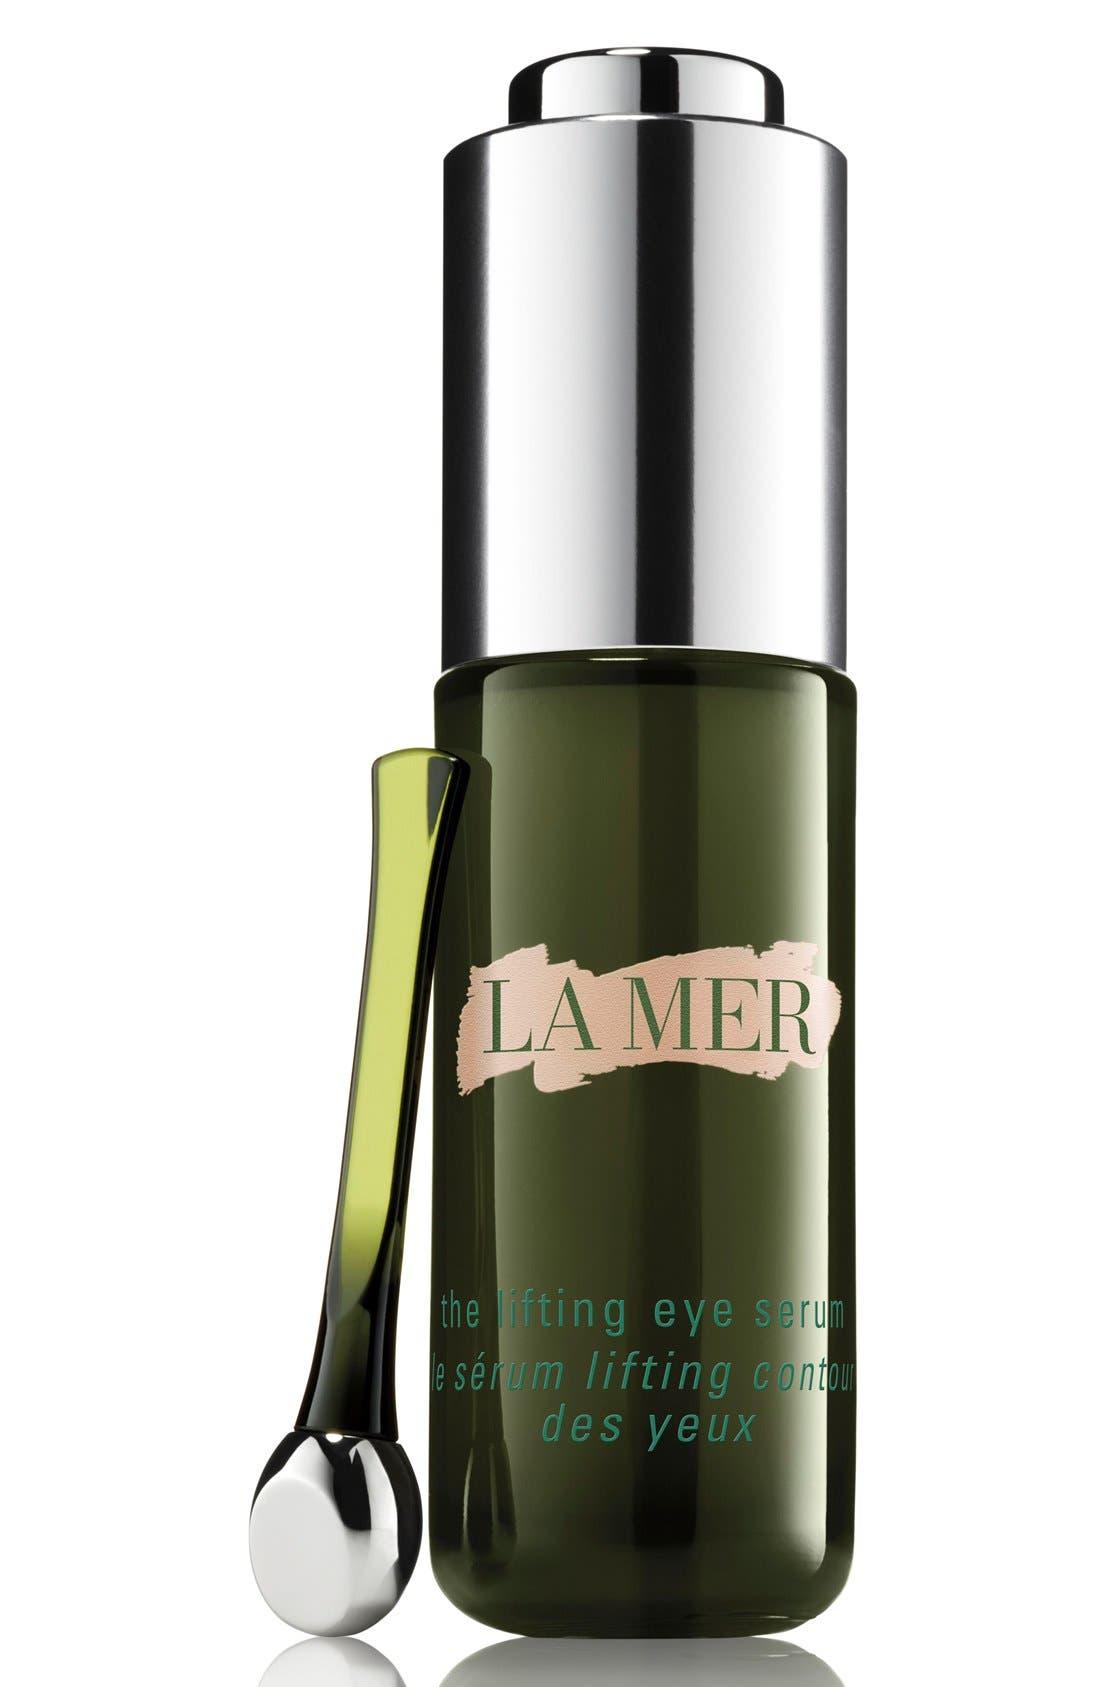 La Mer The Lifting Eye Serum